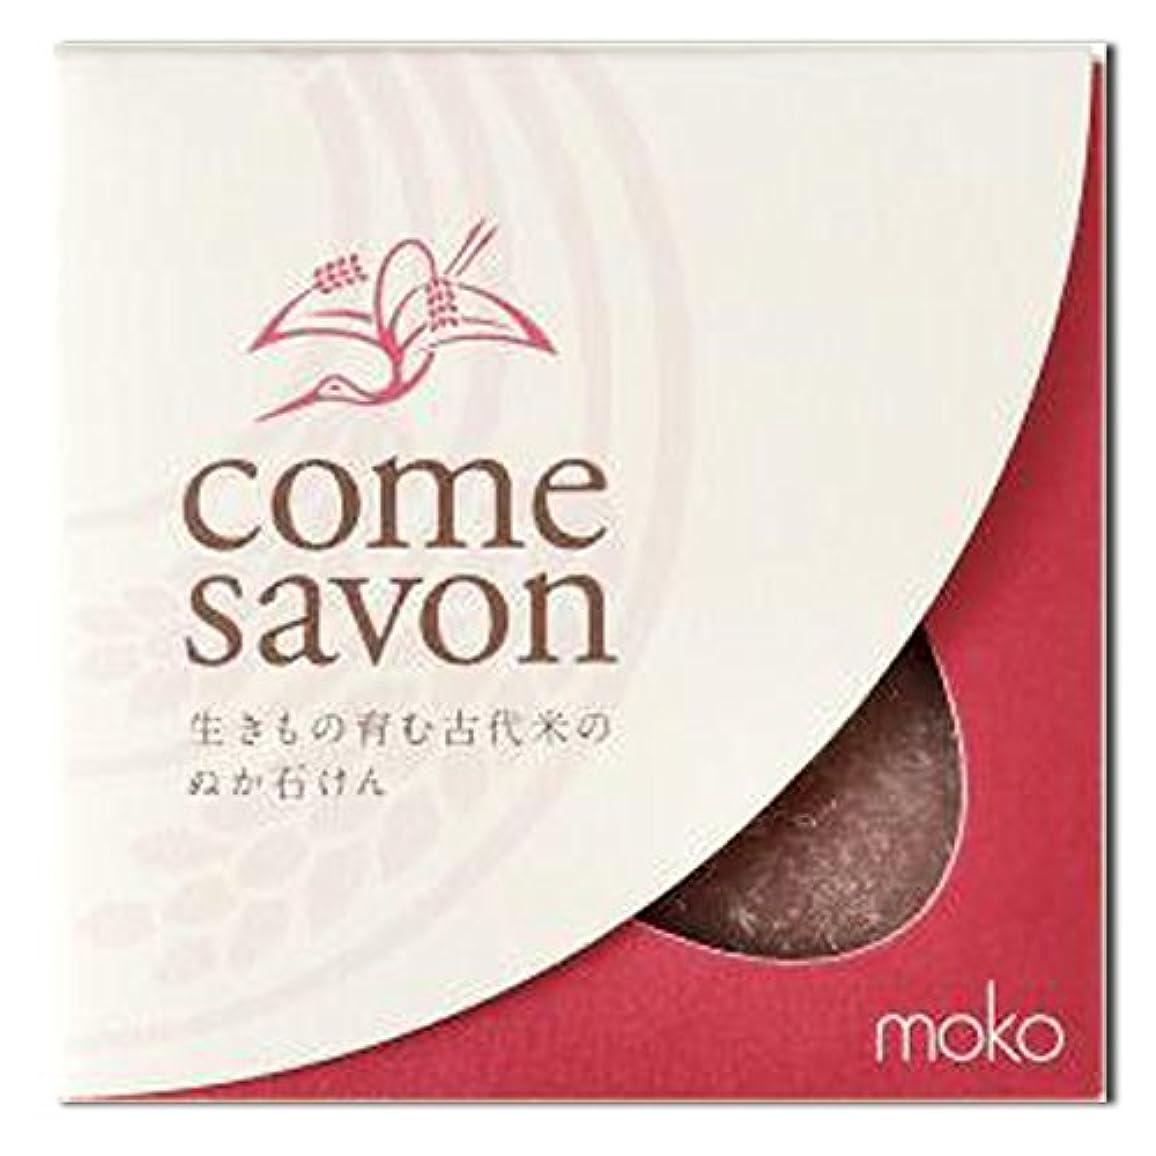 契約昨日乳白無添加手作り石けんcome savon 紅 しっとりタイプ